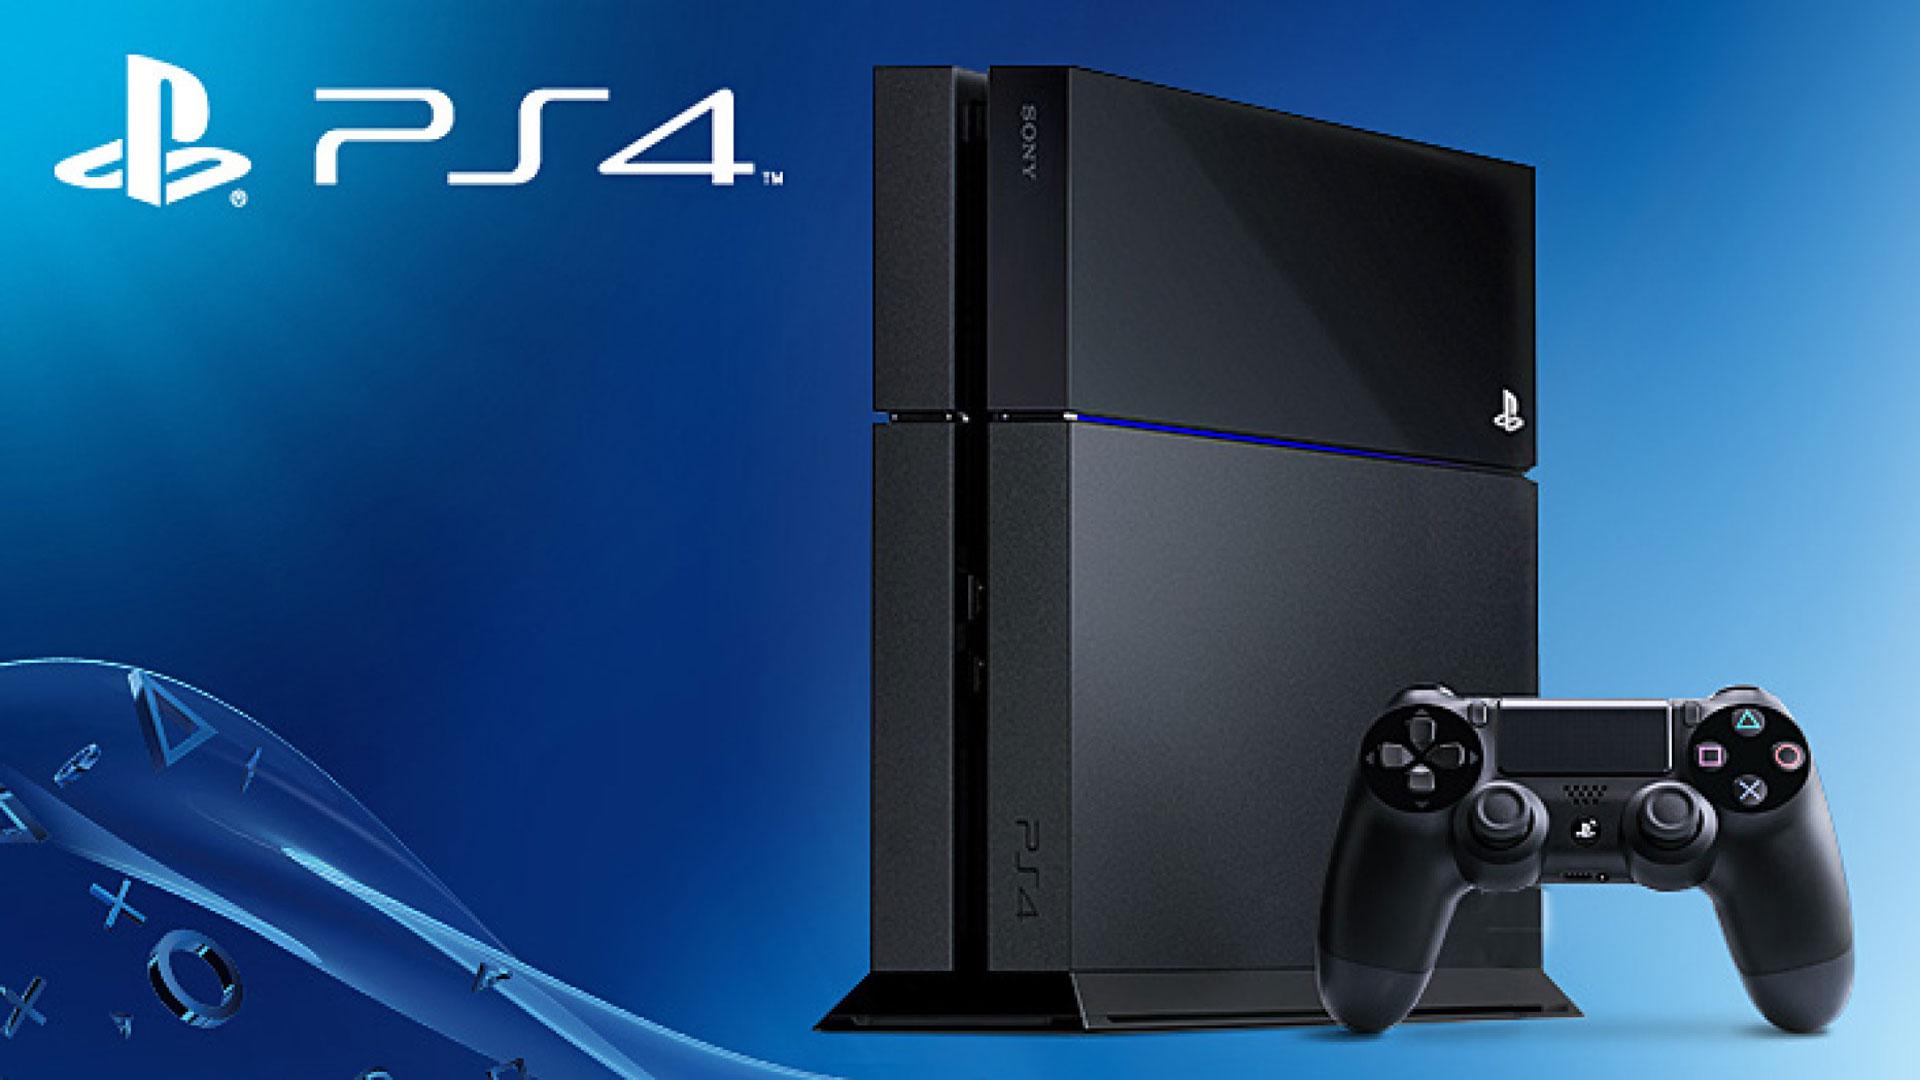 Sony confirma o lançamento do Playstation 4 com tecnologia 4K